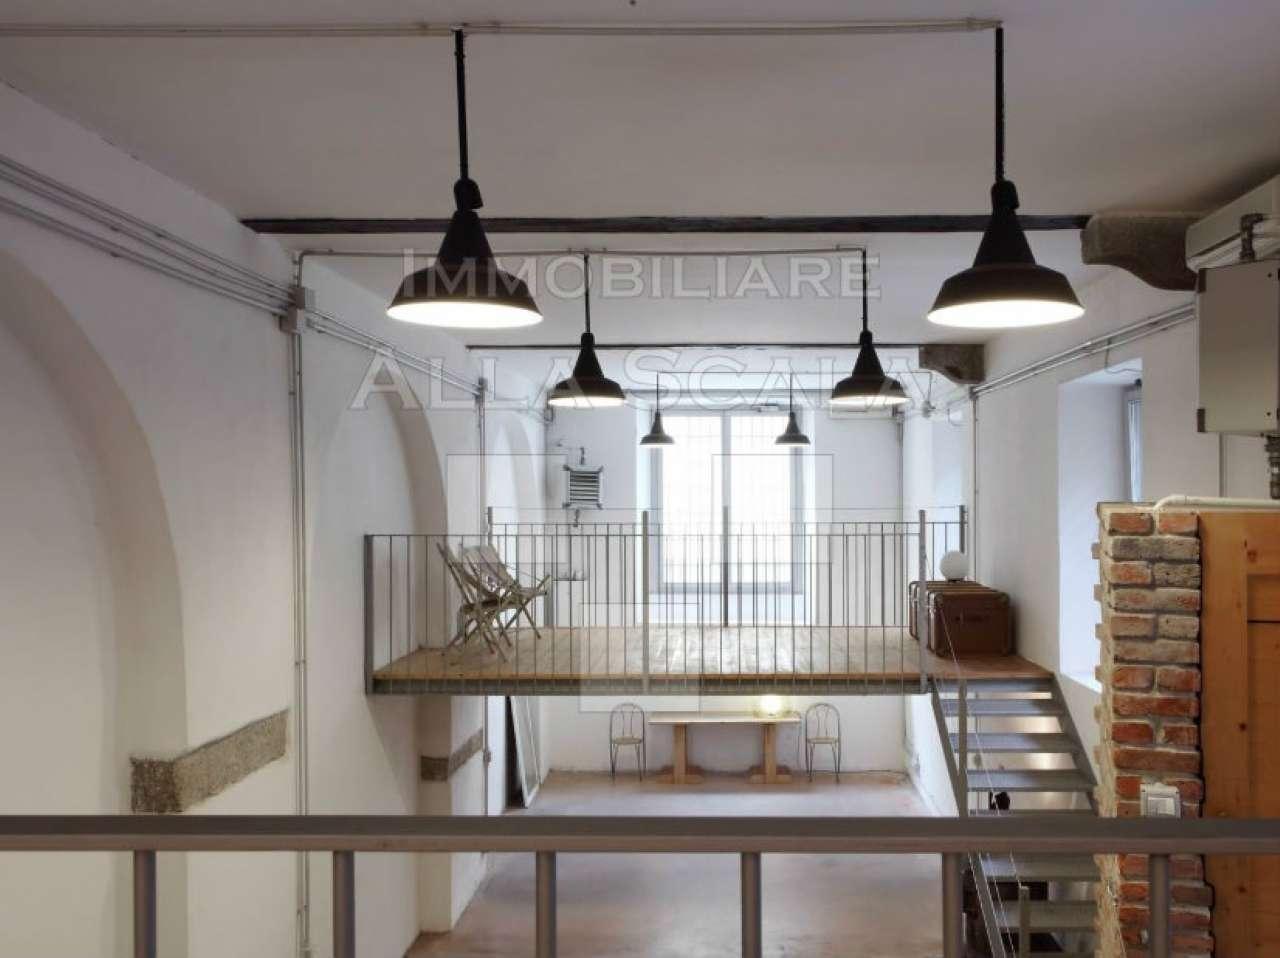 Laboratorio in vendita a Milano, 3 locali, zona Zona: 10 . P.ta Genova, Romolo, Solari, Savona, Tortona, prezzo € 360.000 | Cambio Casa.it